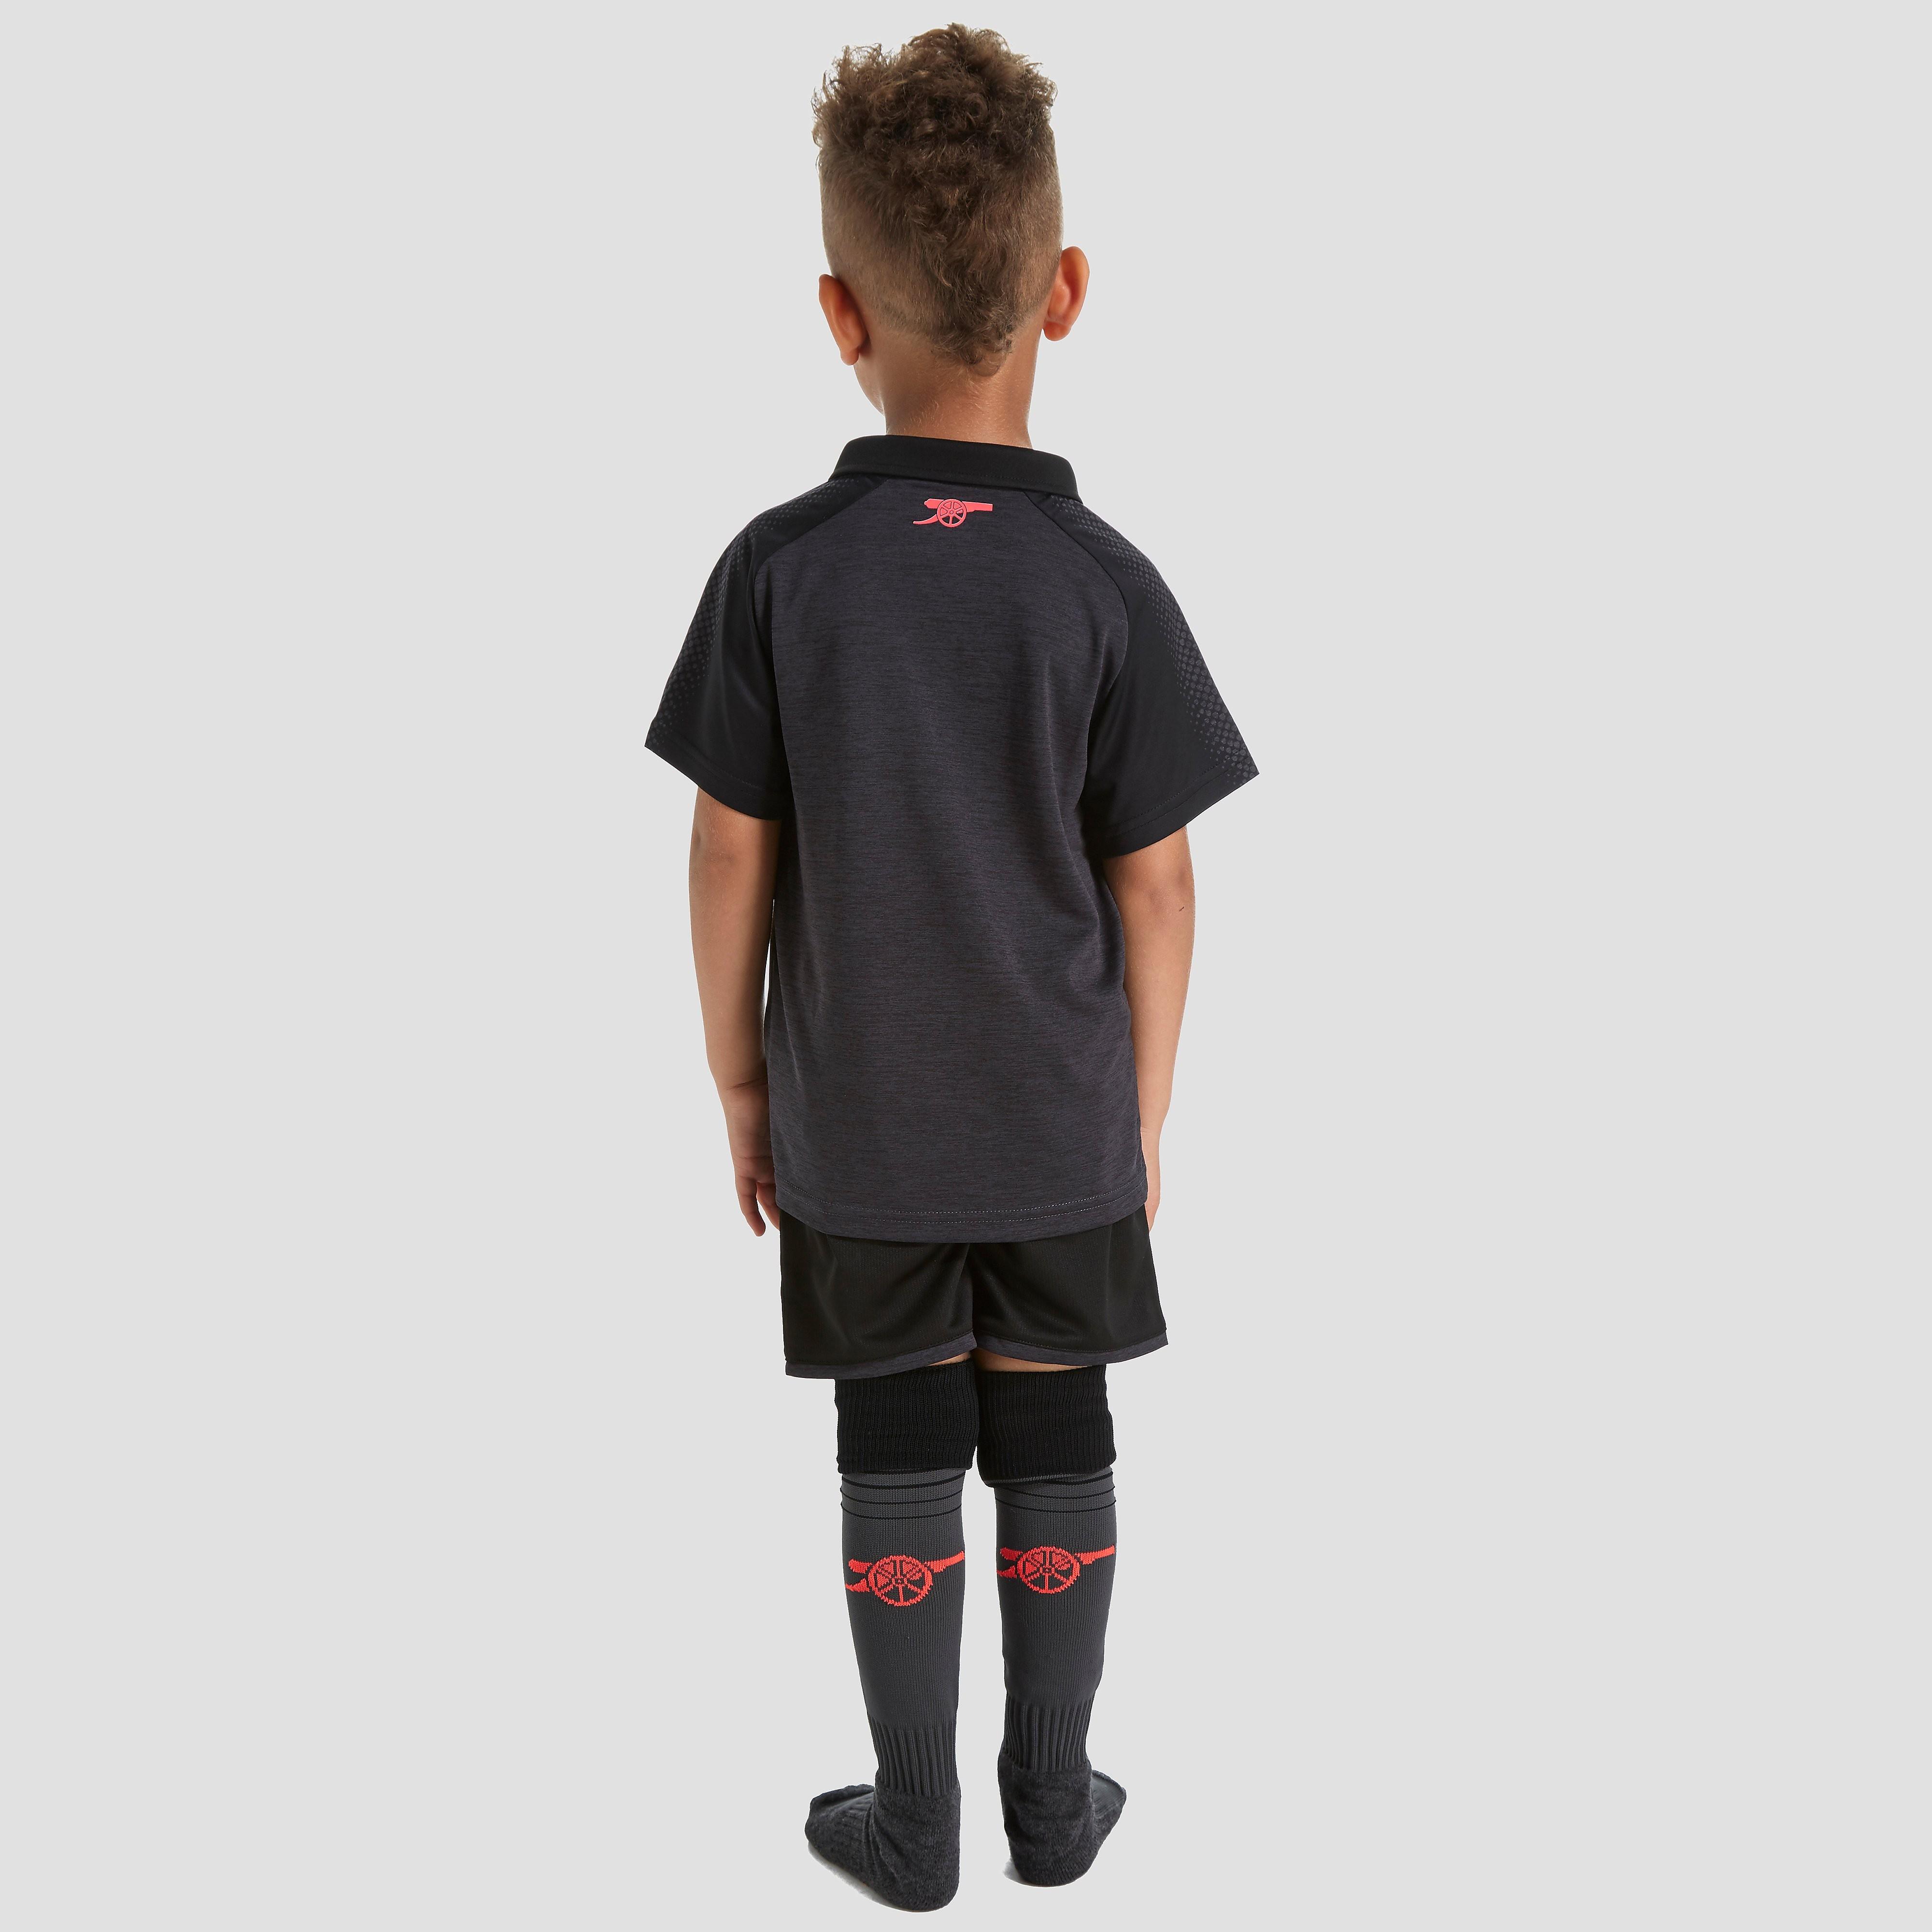 PUMA Arsenal FC 2017/18 Mini Kit Childrens